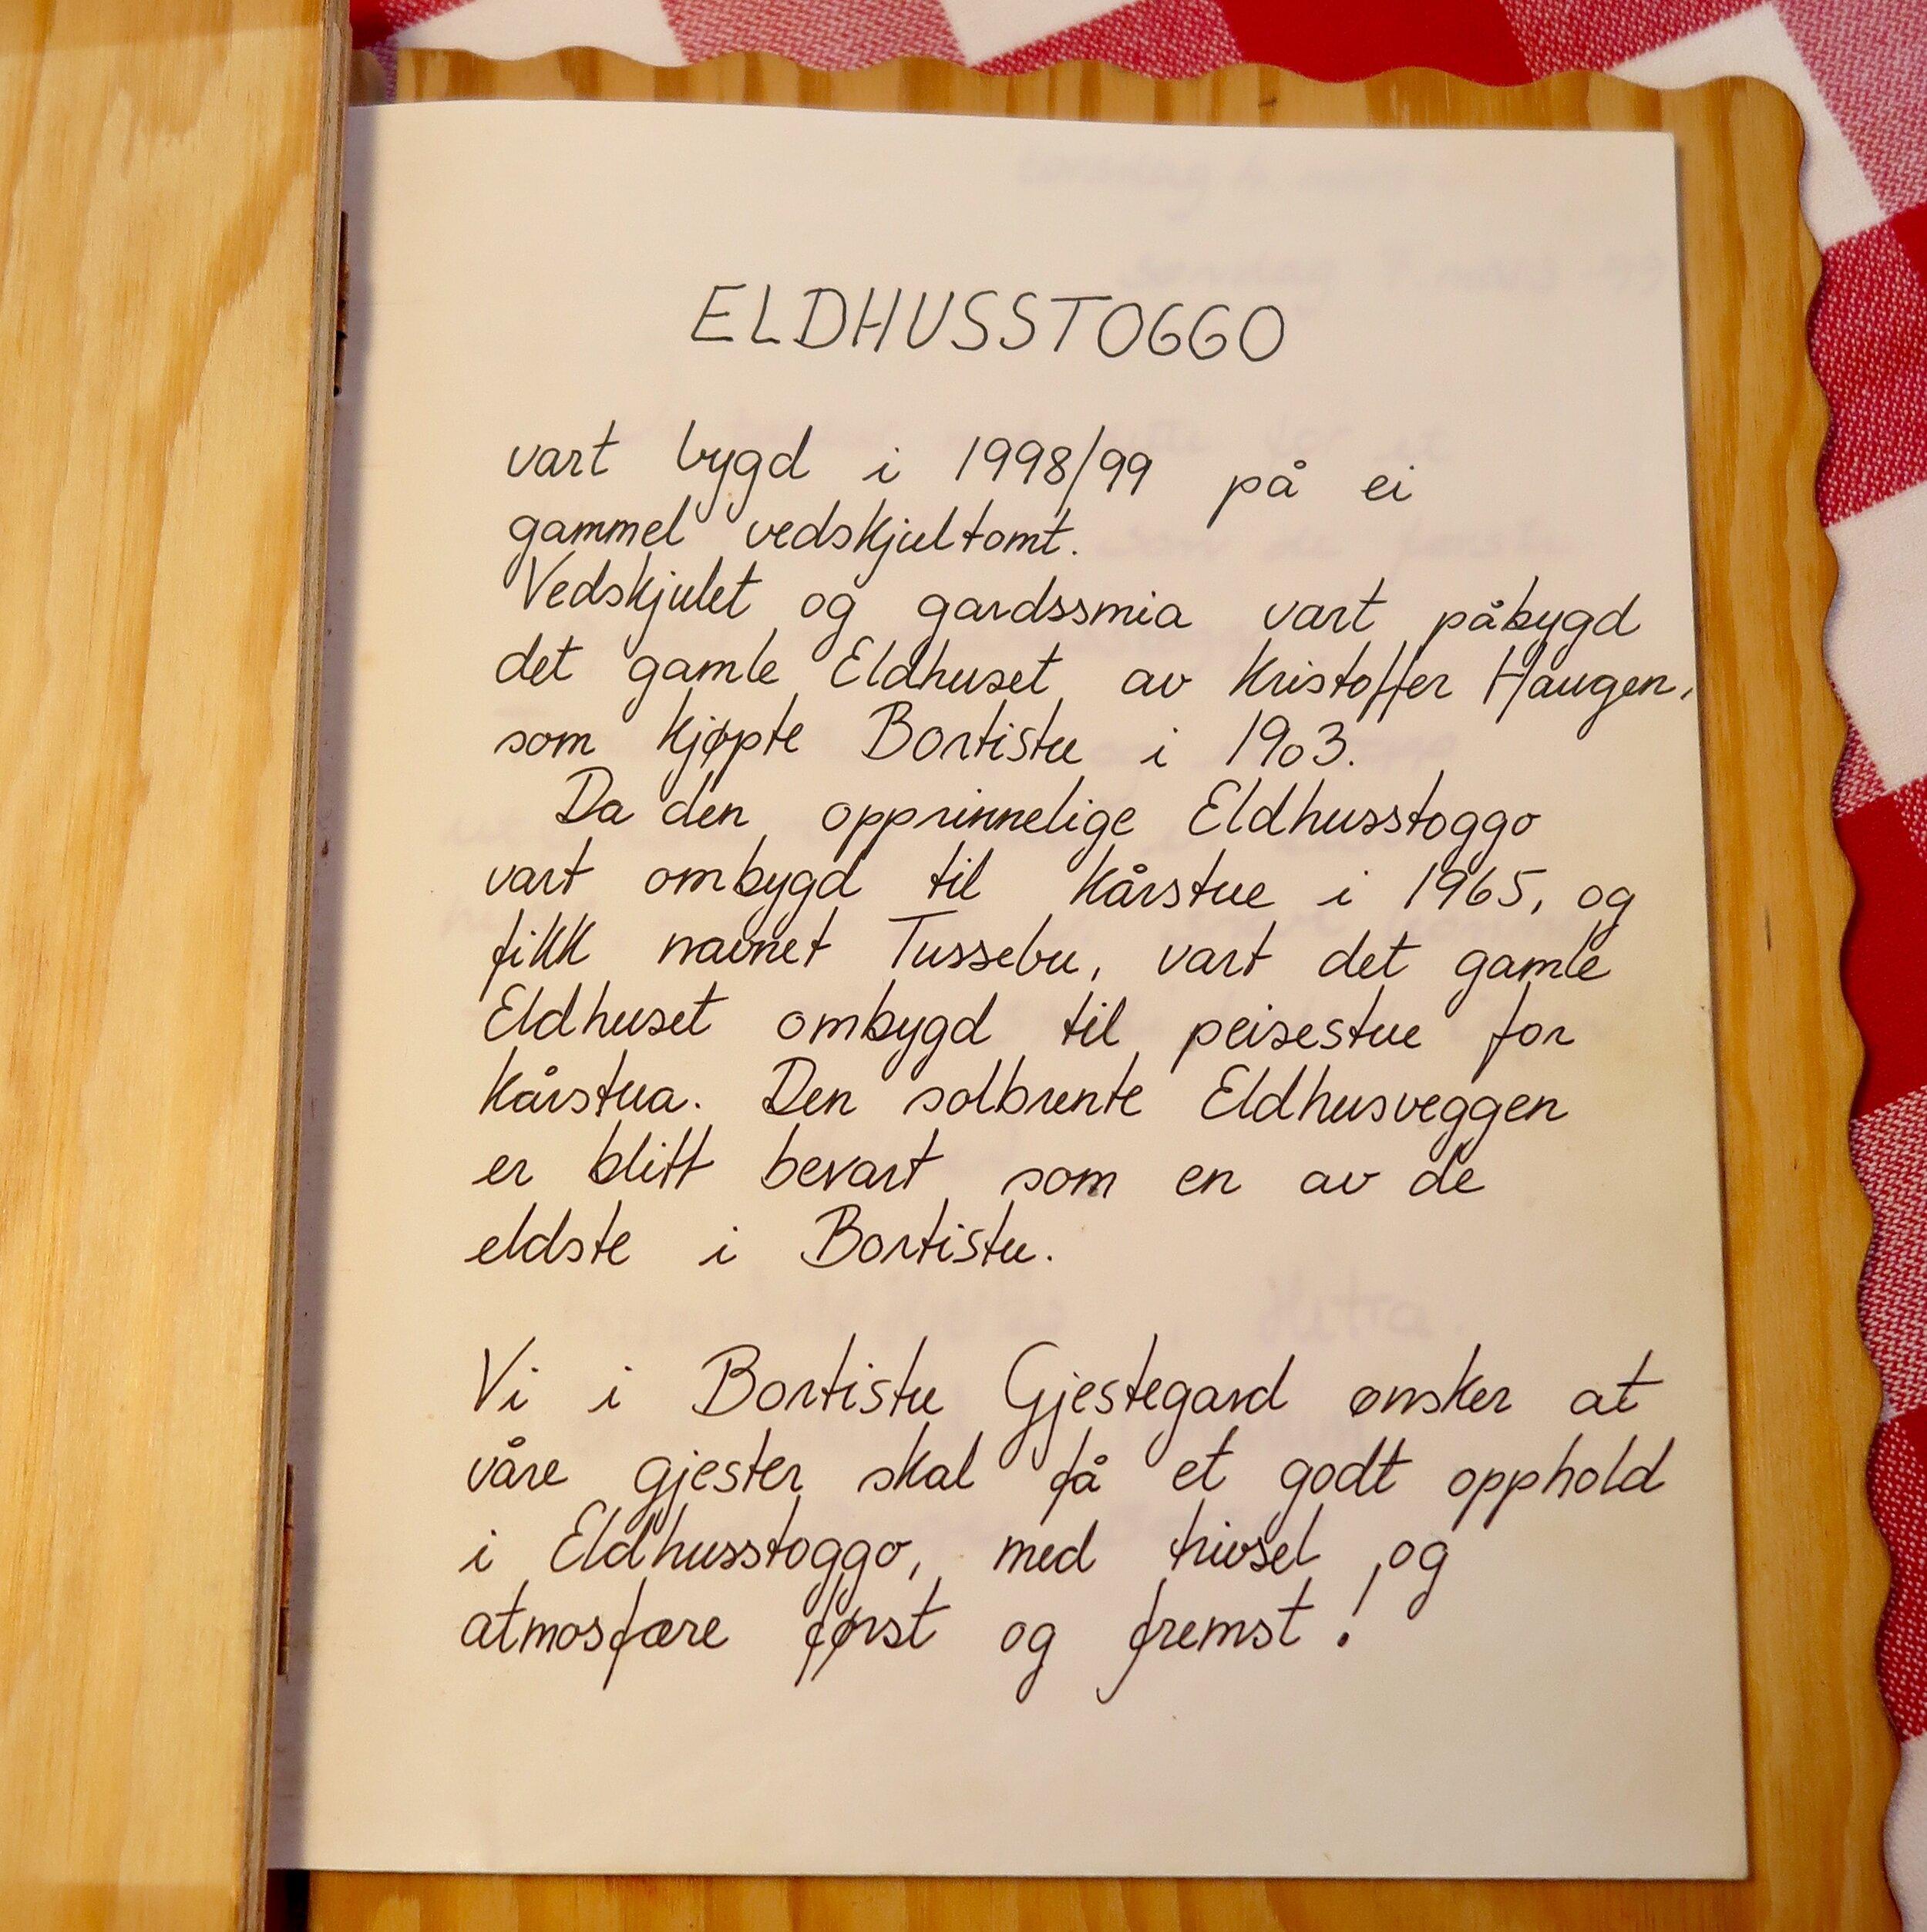 På første side får vi fra Linda Mai sin mor, Inger Marie en håndskrevet historie til hytta og blir ønsket velkommen til Bortistu Gjestegard. At det er god atmosfære her kan jeg skrive under på. Og når jeg leser om alle de fine opplevelsene folk har hatt hatt her, er jeg overbevist om at også vi vil få det.